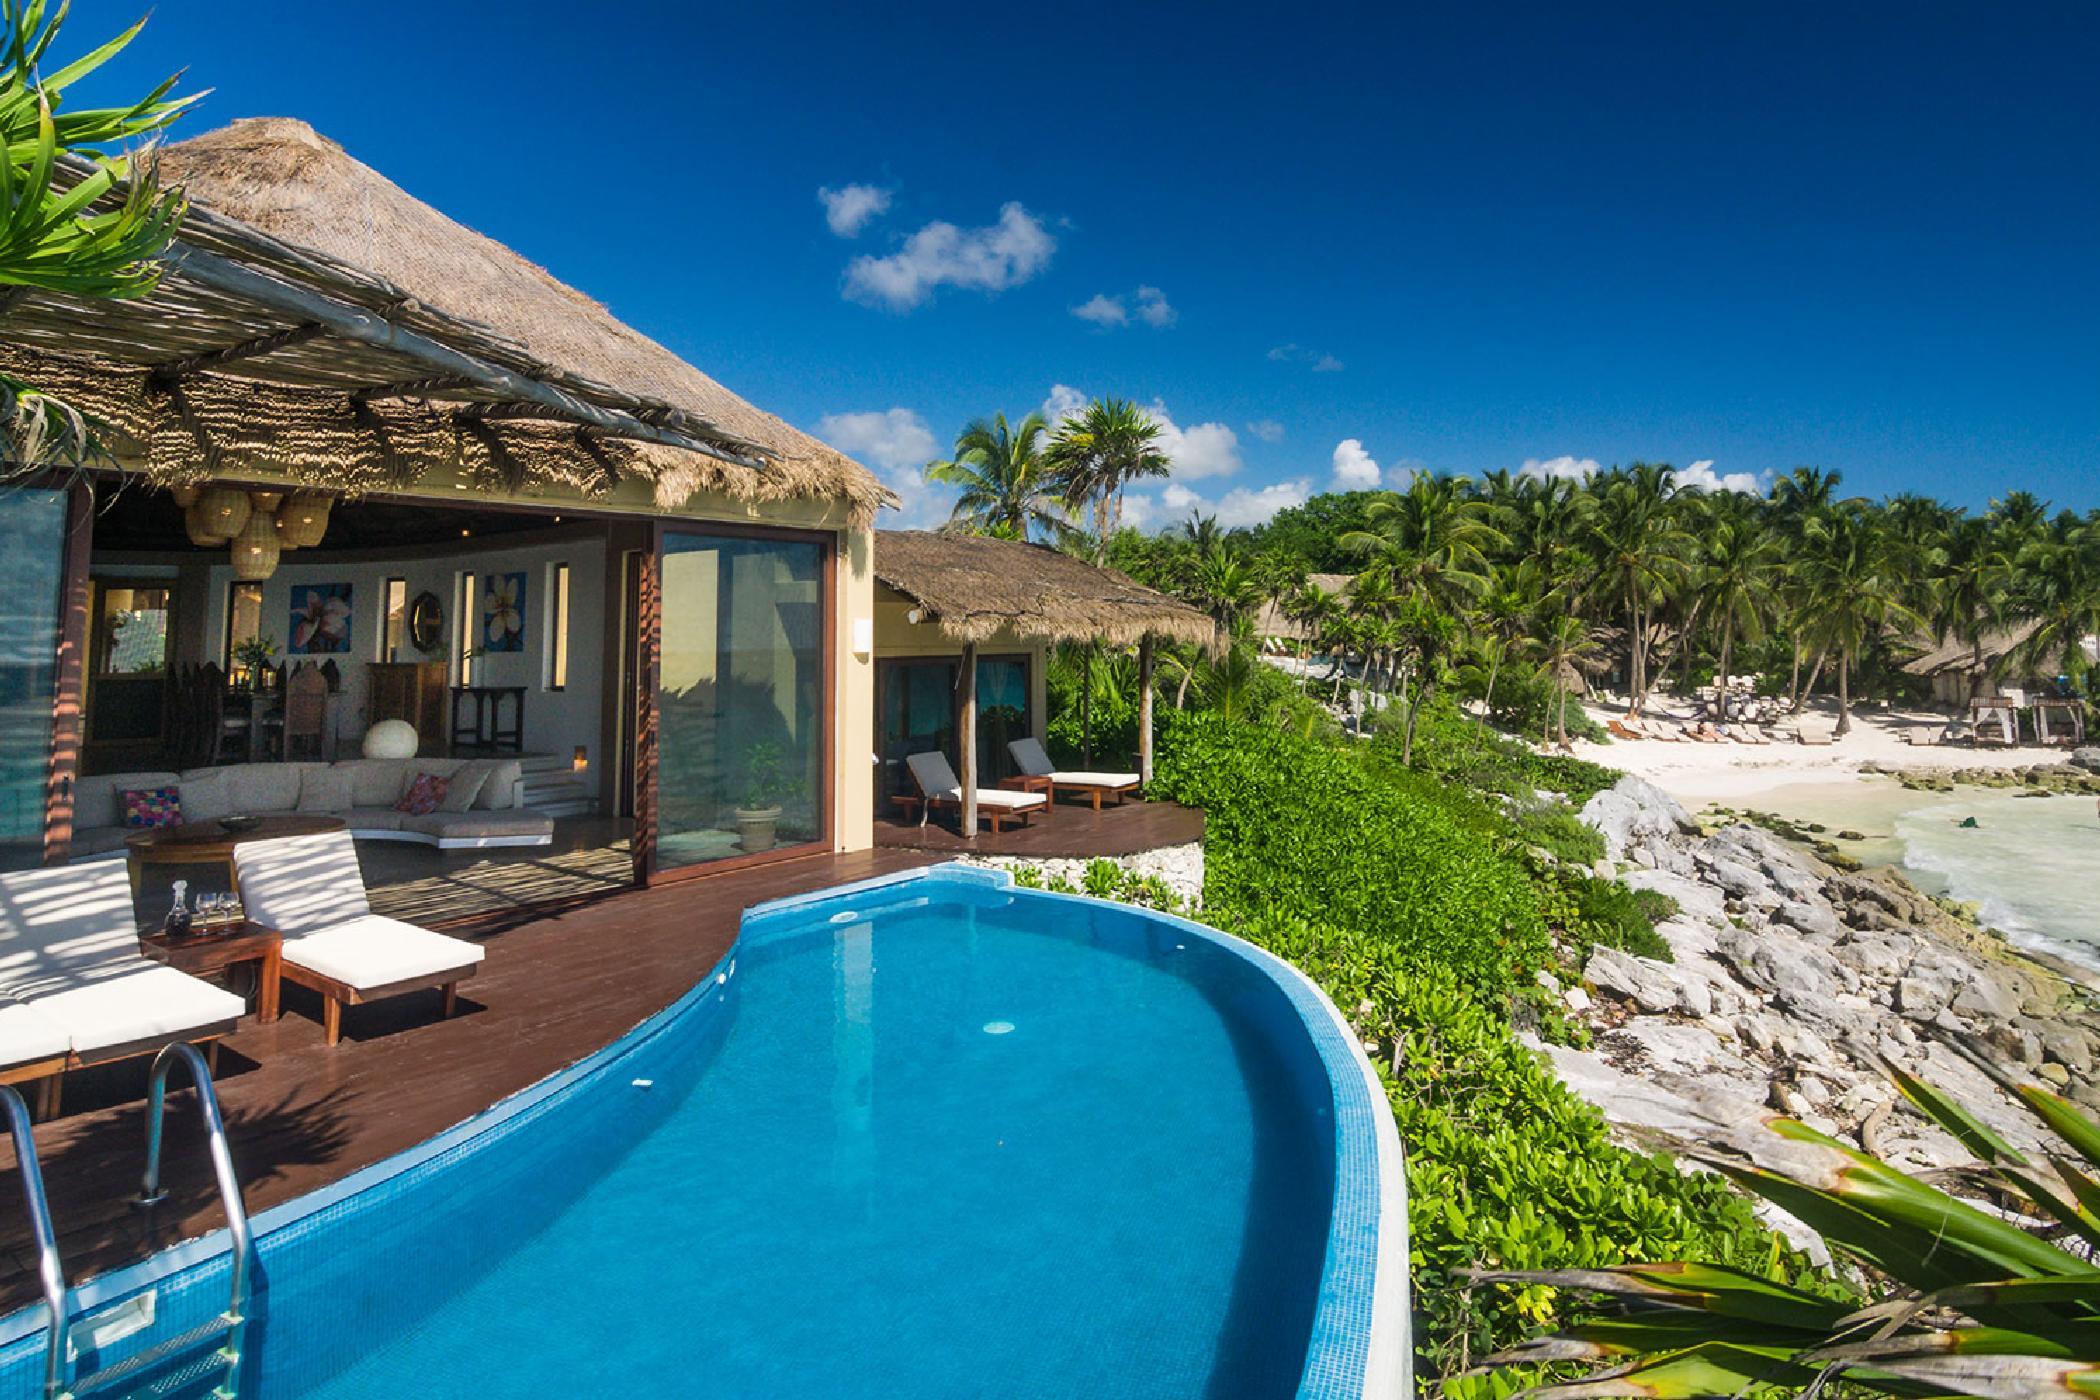 Maya_Luxe_Riviera_Maya_Luxury_Villas_Experiences_Tulum_Beach_5_Bedrooms_Villa_Miramar_28.jpg